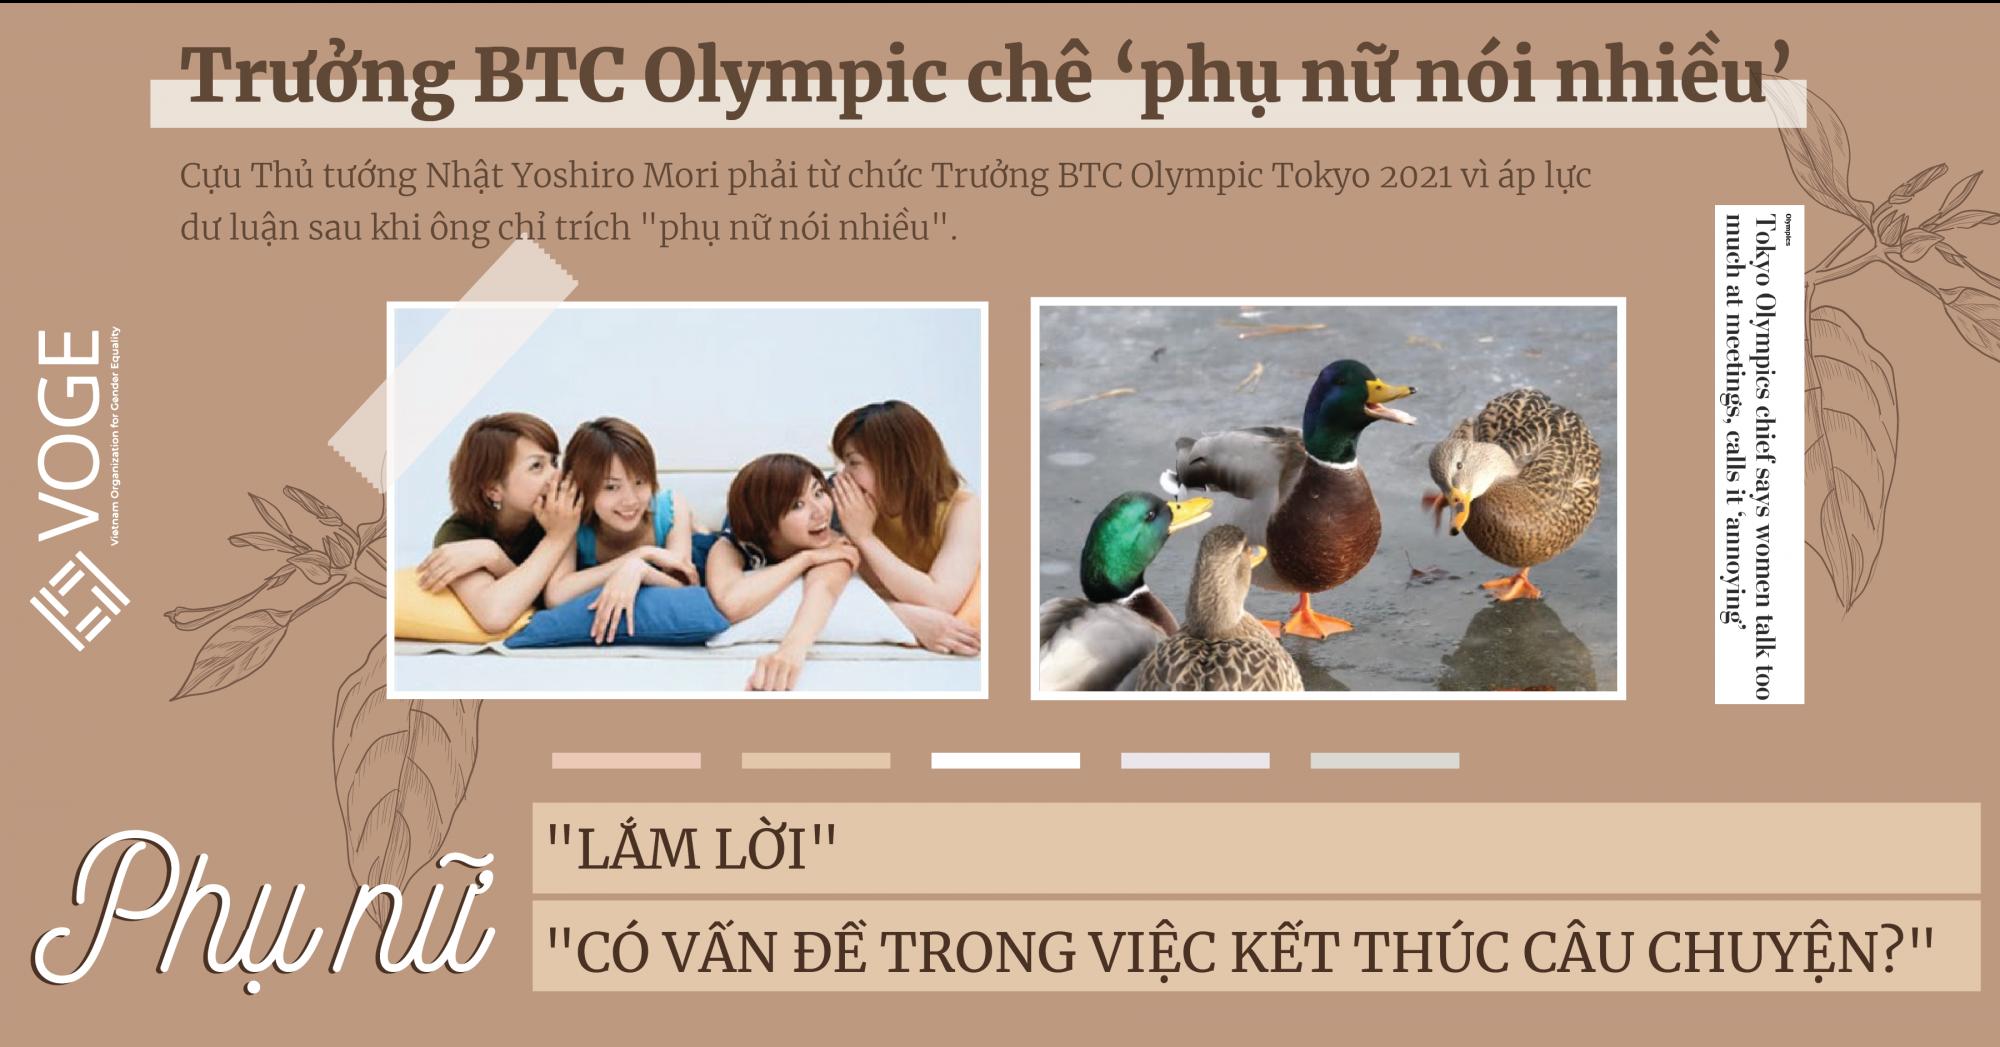 Cựu Trưởng BTC Tokyo Olympic chê phụ nữ lắm lời